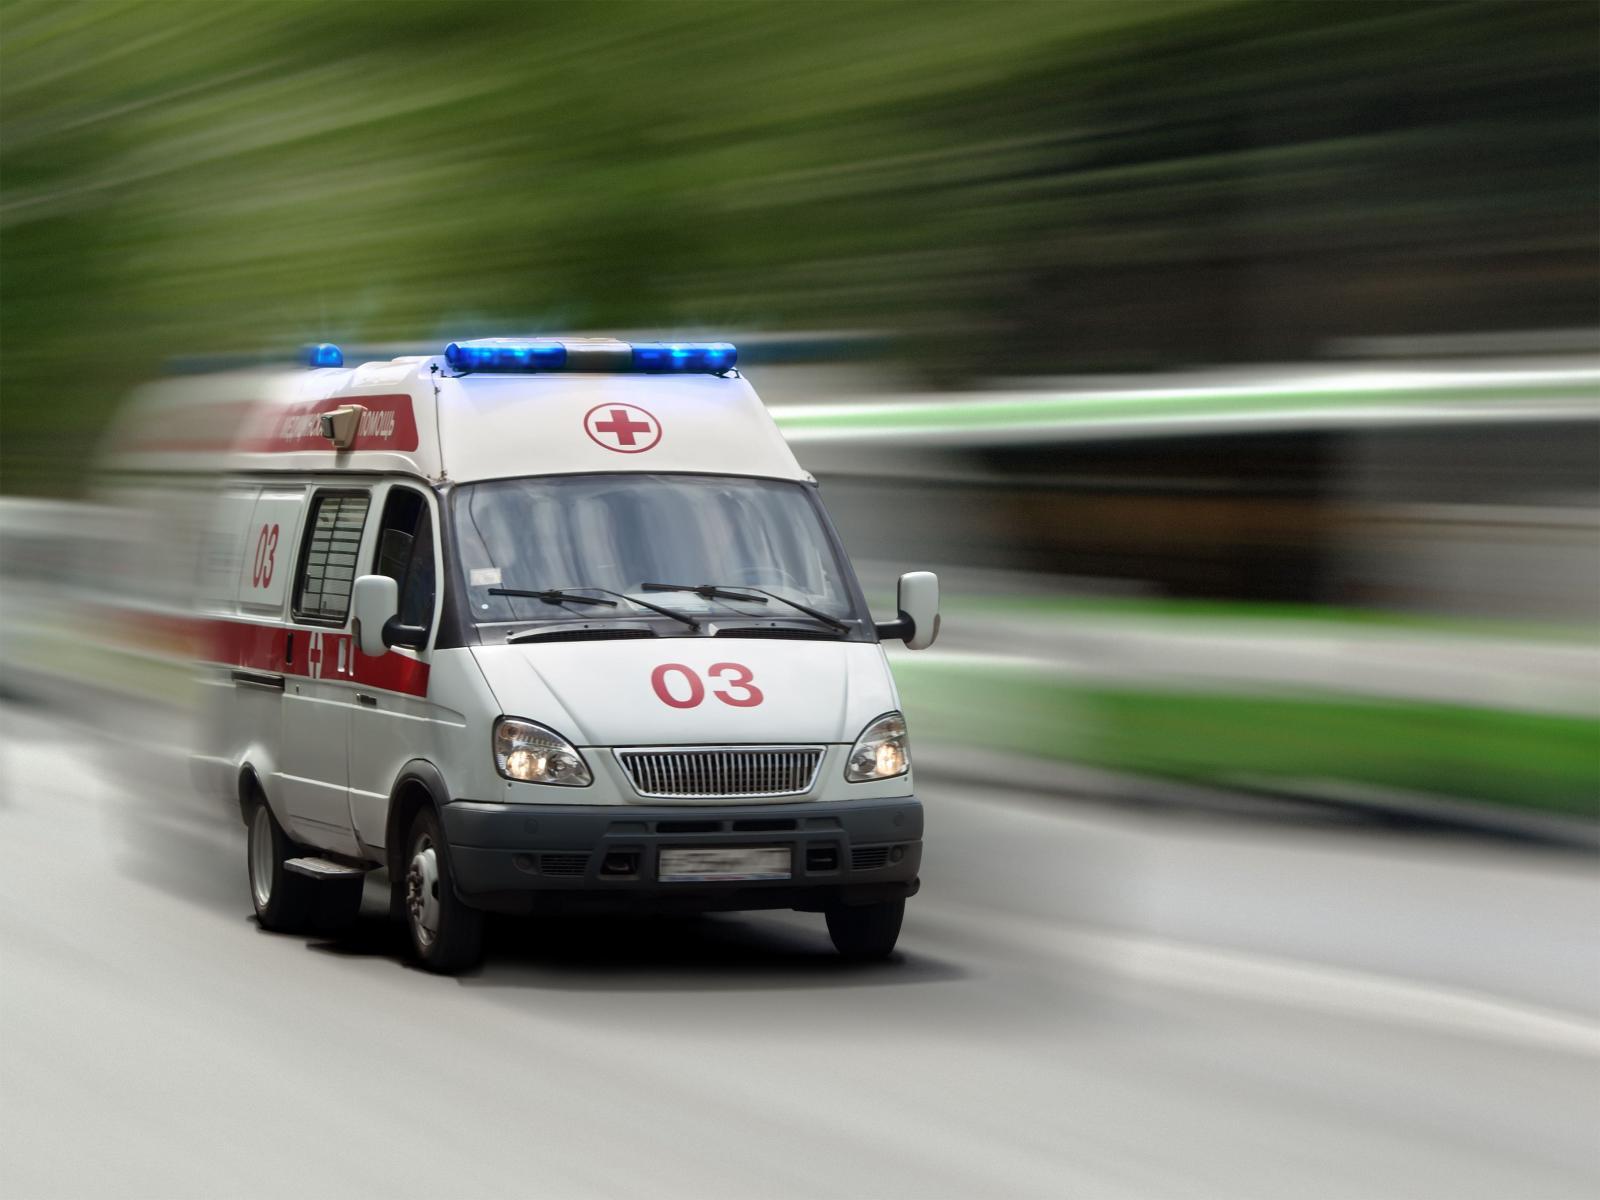 В Брянске женщина пострадала при падении в общественном транспорте